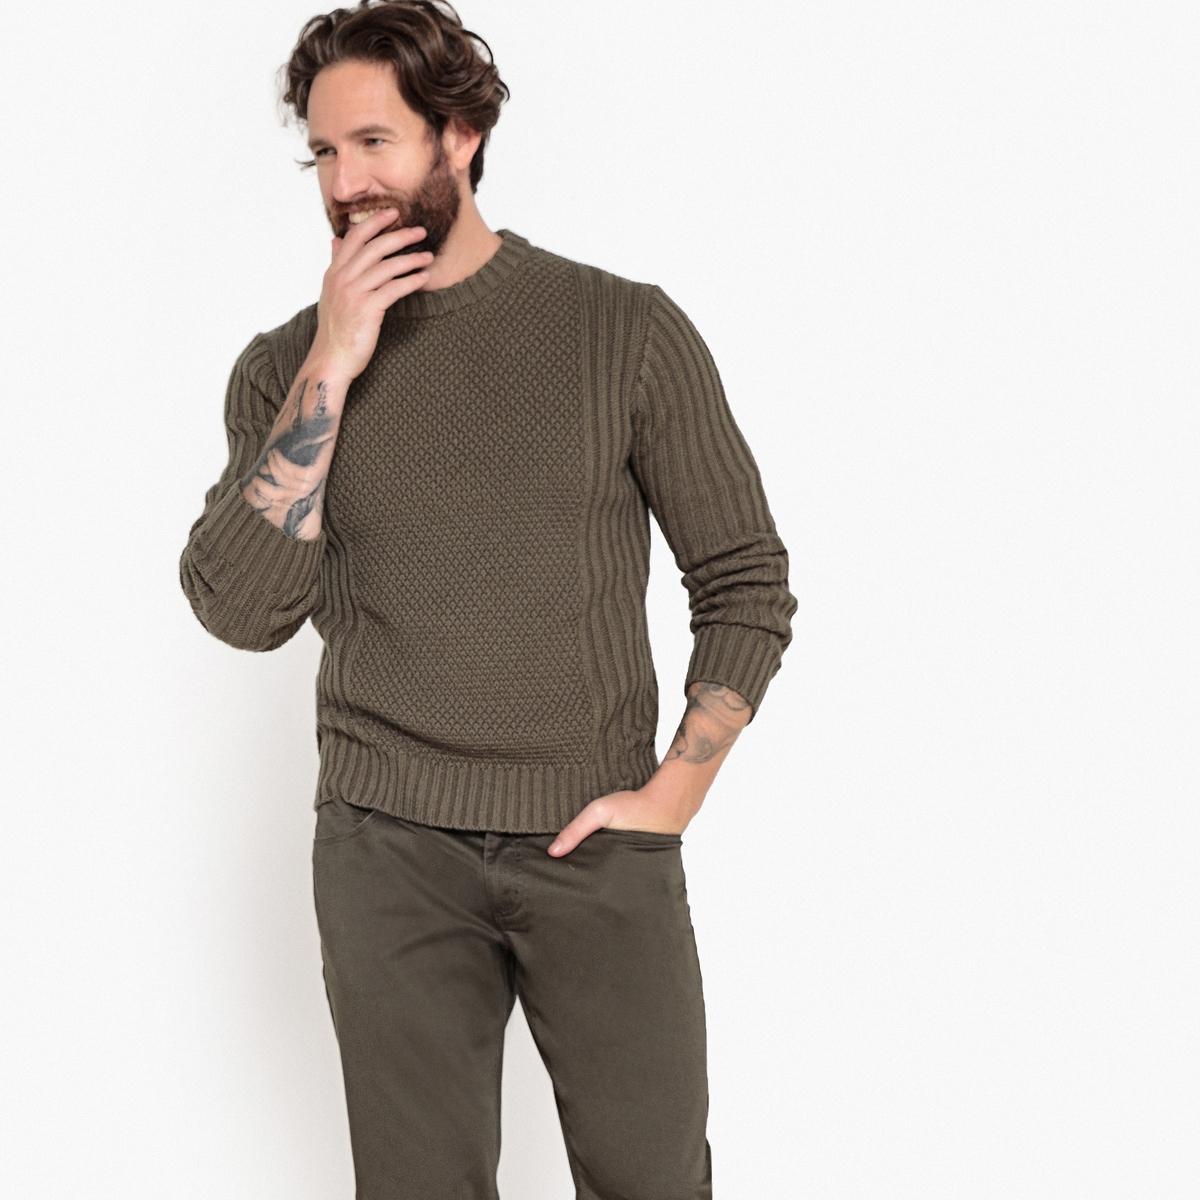 Пуловер La Redoute С круглым вырезом из плотного трикотажа 3XL зеленый пуловер la redoute с круглым вырезом из шерсти мериноса pascal 3xl черный